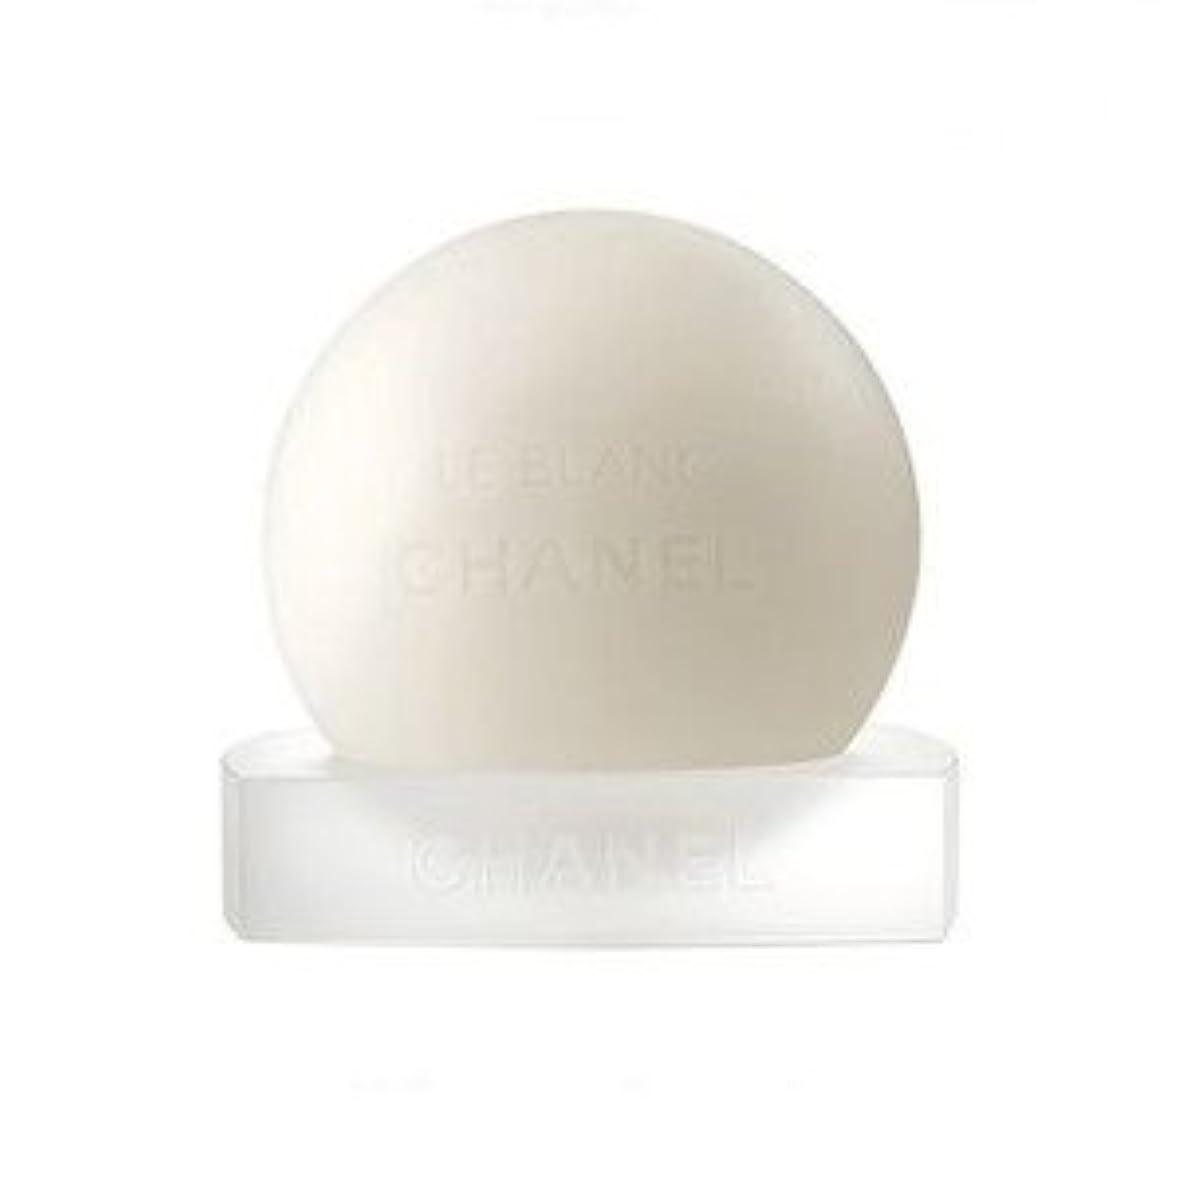 ジャズリットルヘビシャネル ル ブラン ソープ 100g 洗顔石けん 限定品 アウトレット